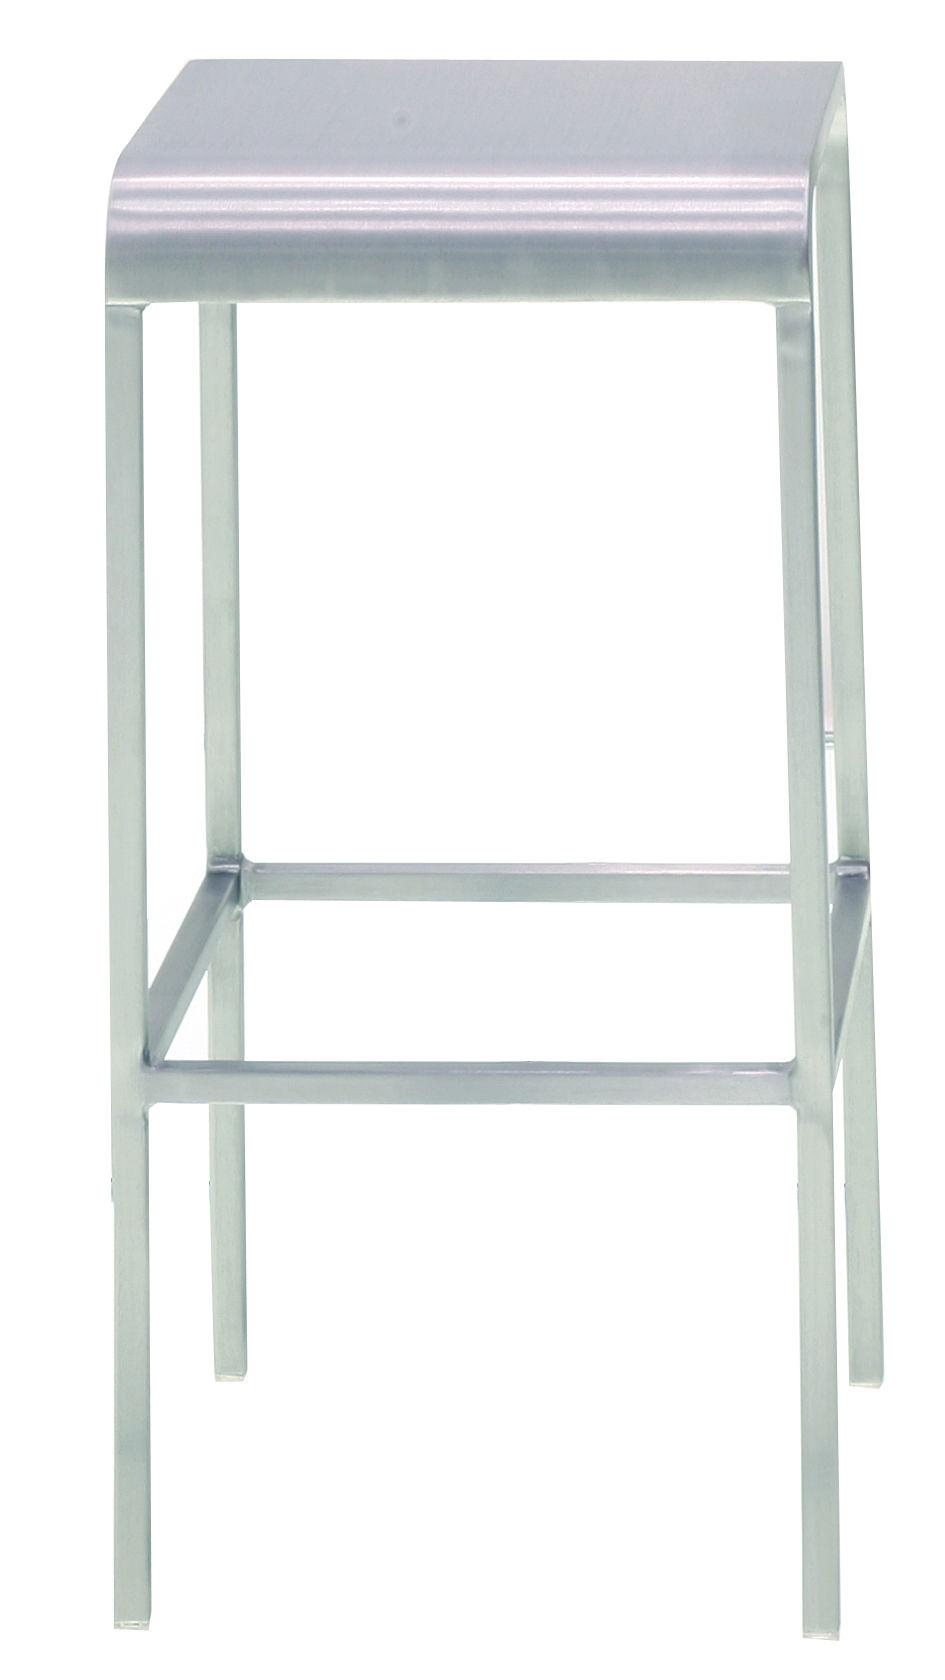 Furniture - Bar Stools - 20-06 Bar stool - Aluminium - H 60 cm by Emeco - Brushed aluminium - Aluminium recyclé